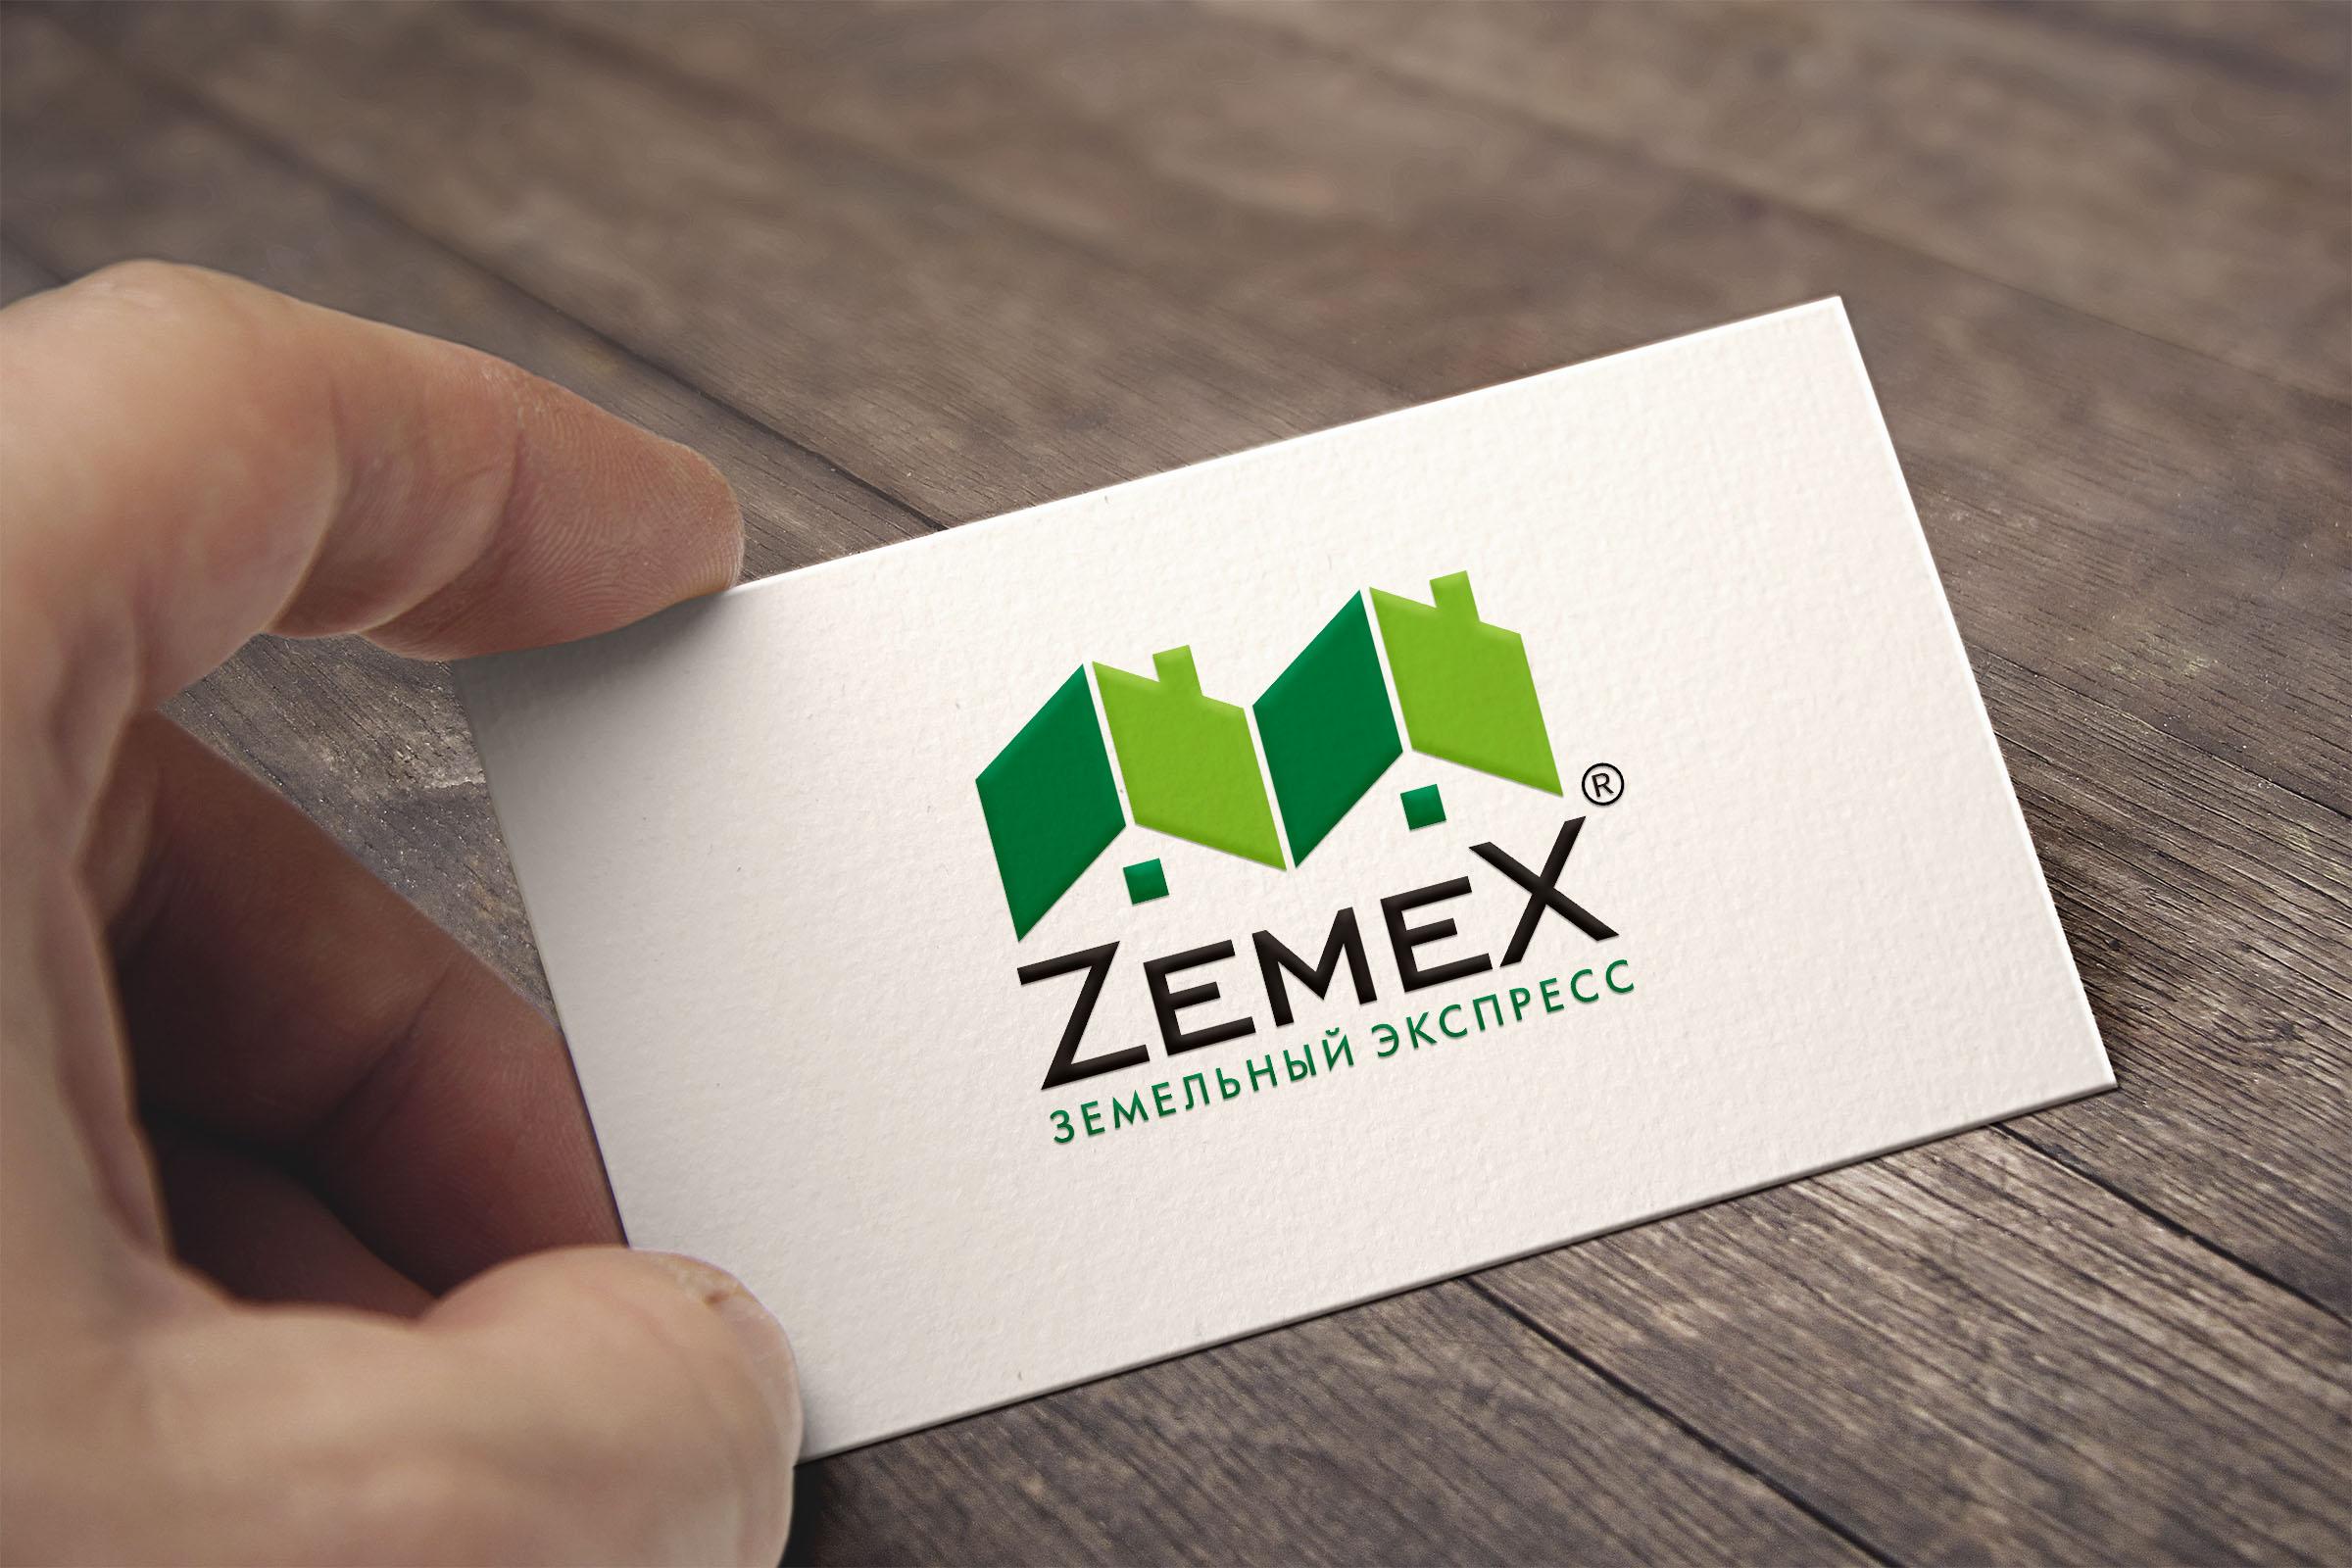 Создание логотипа и фирменного стиля фото f_94259f5f35636f0f.jpg